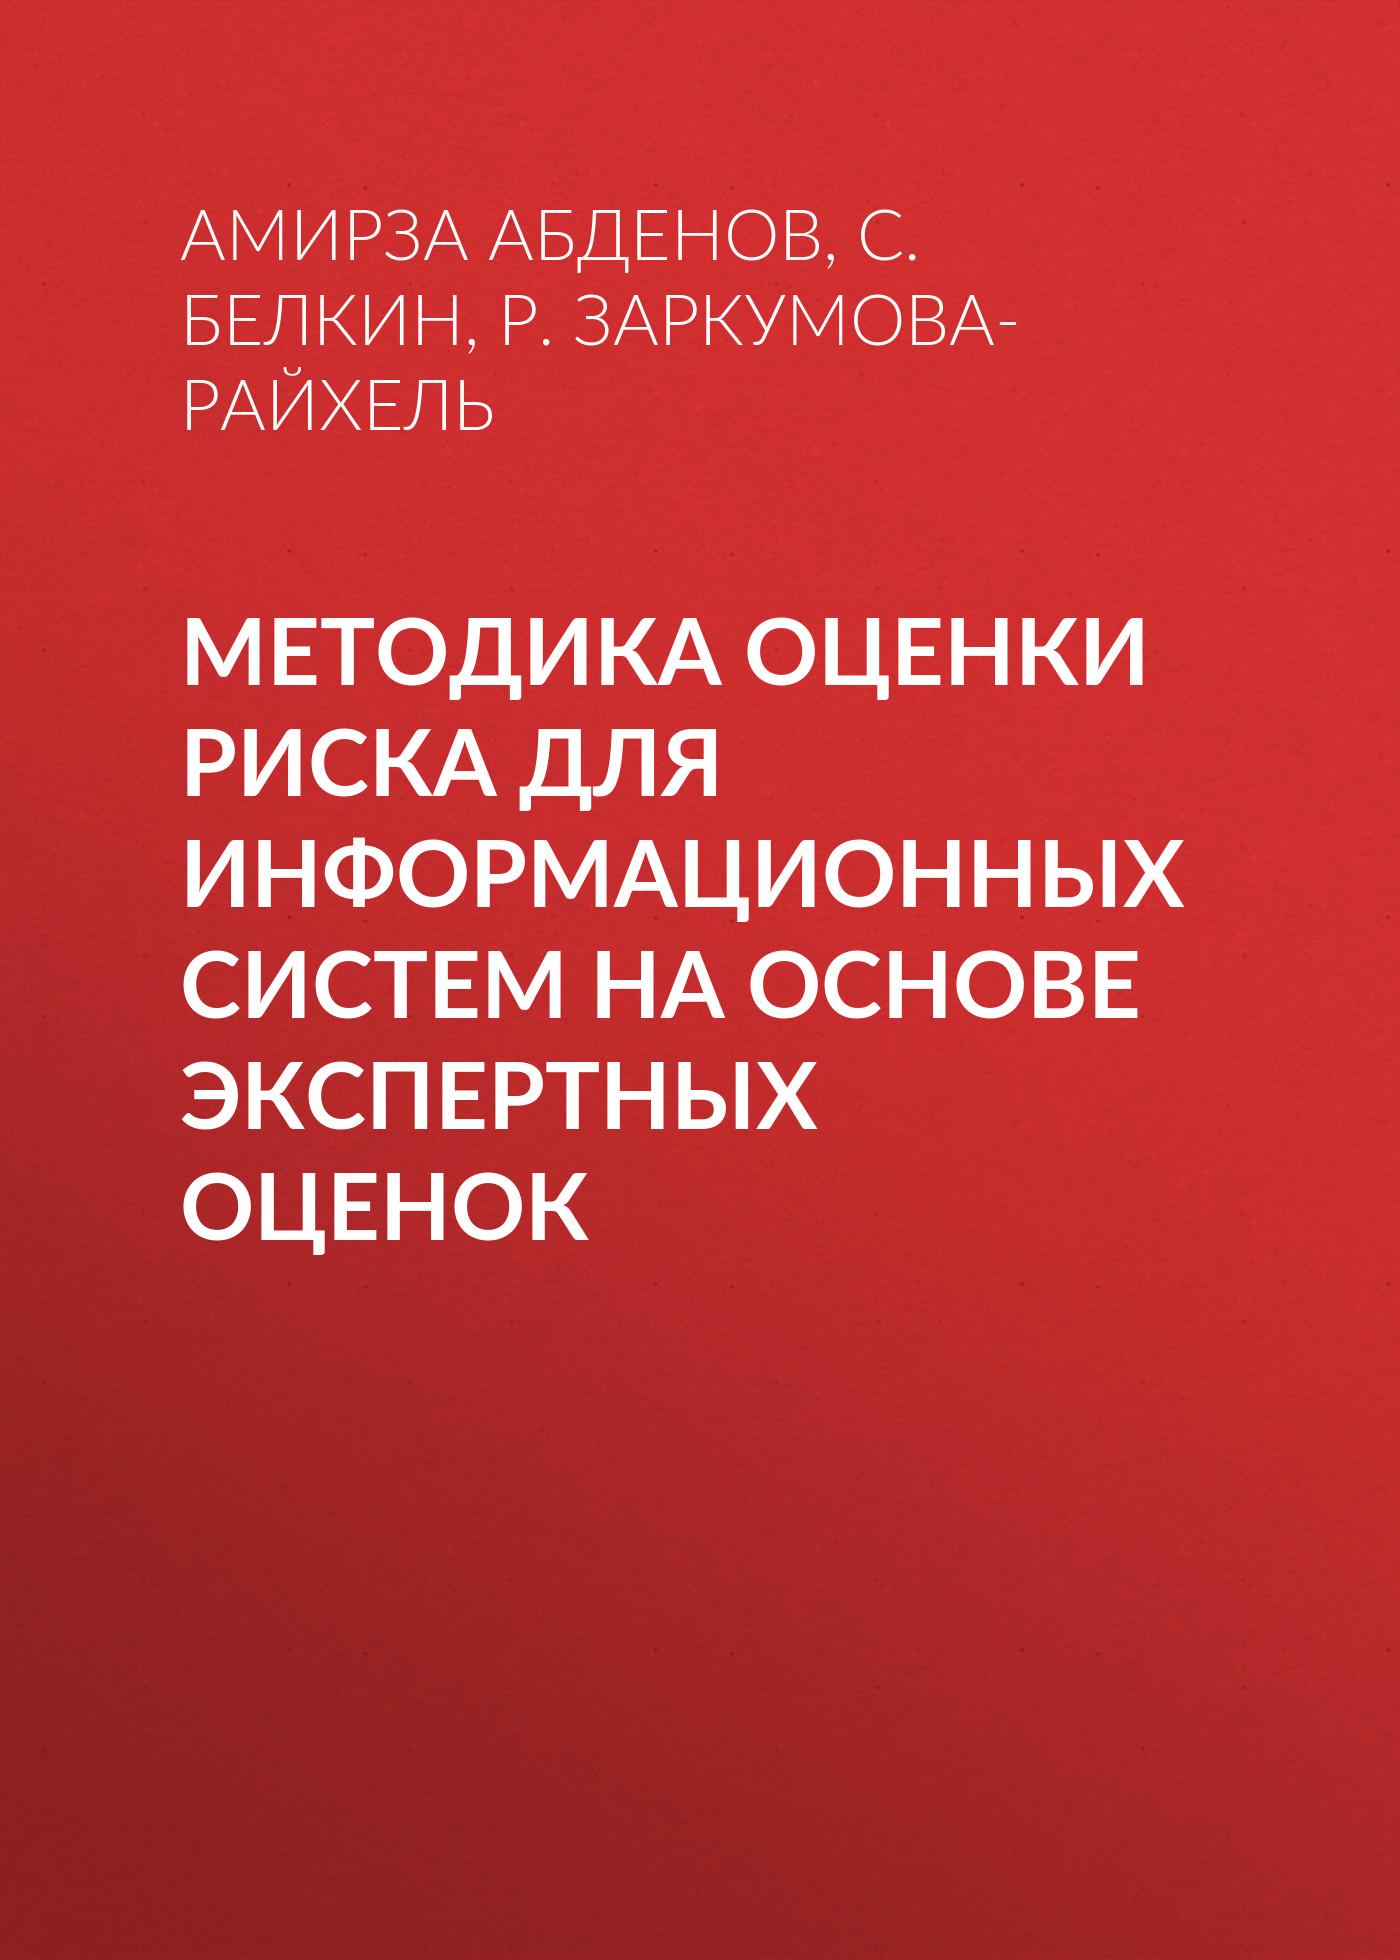 Амирза Абденов Методика оценки риска для информационных систем на основе экспертных оценок а в кравченко методика оценки эффективности информационных систем